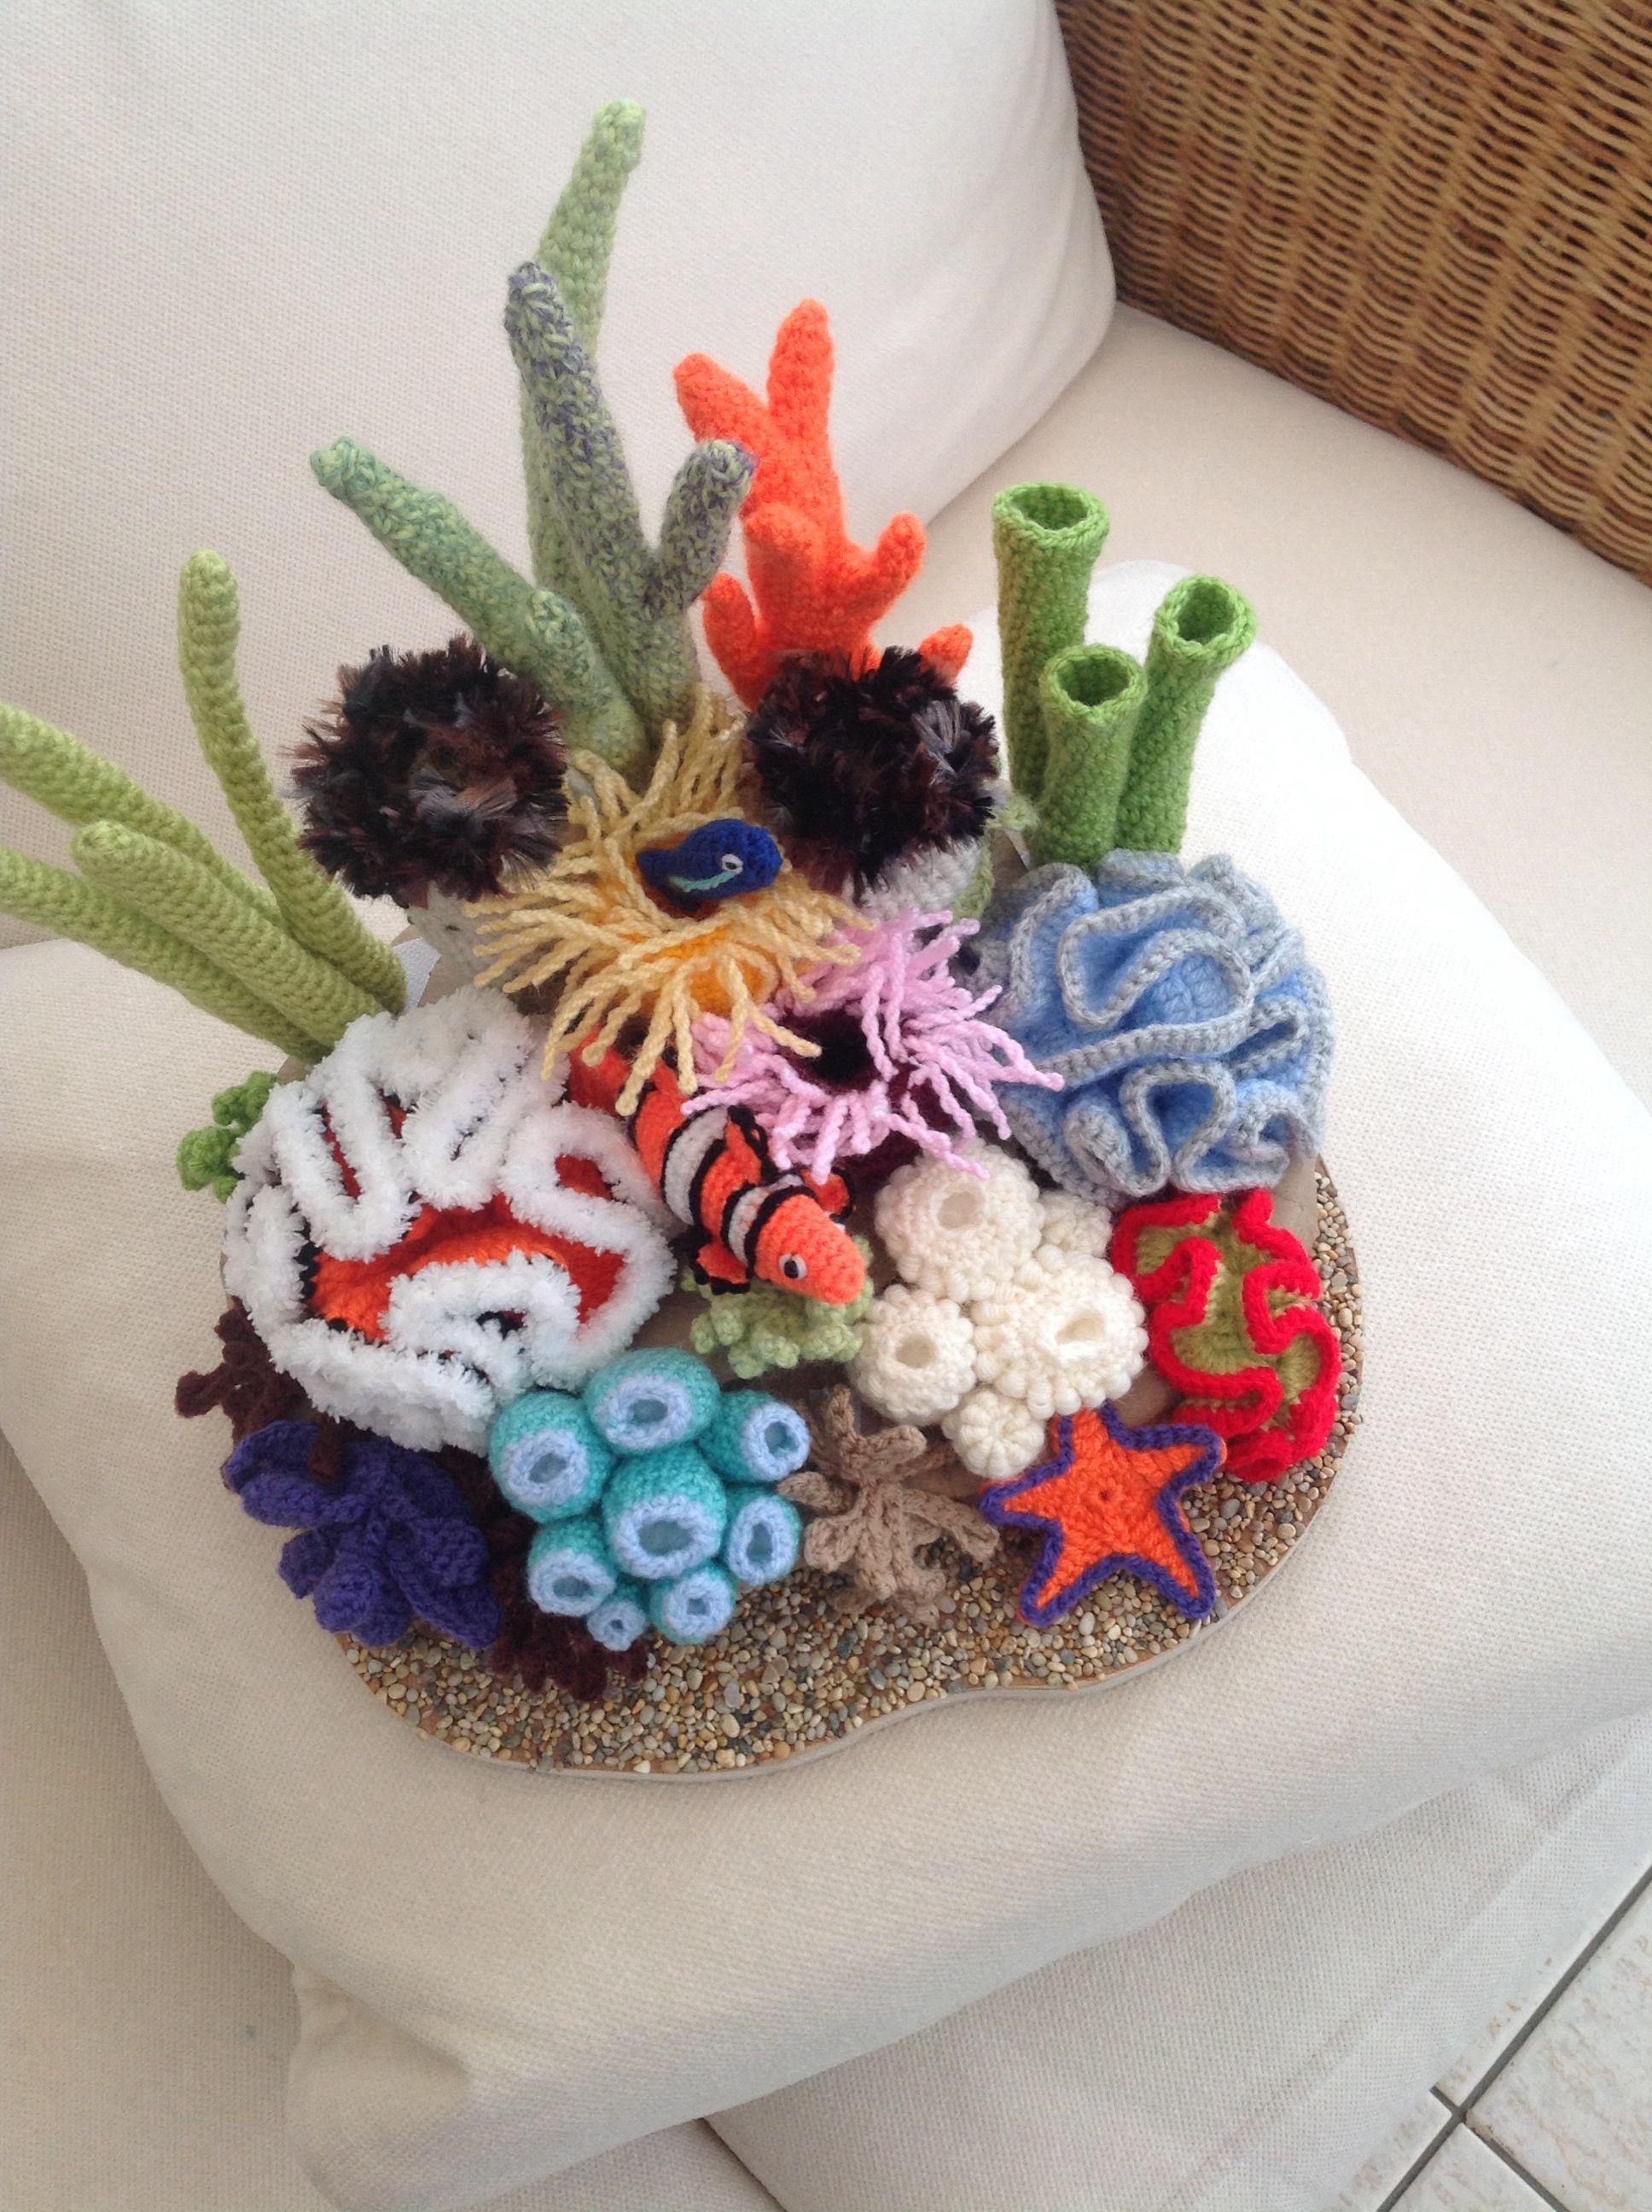 Crochet coral reef for school project #muñecosdeganchillo